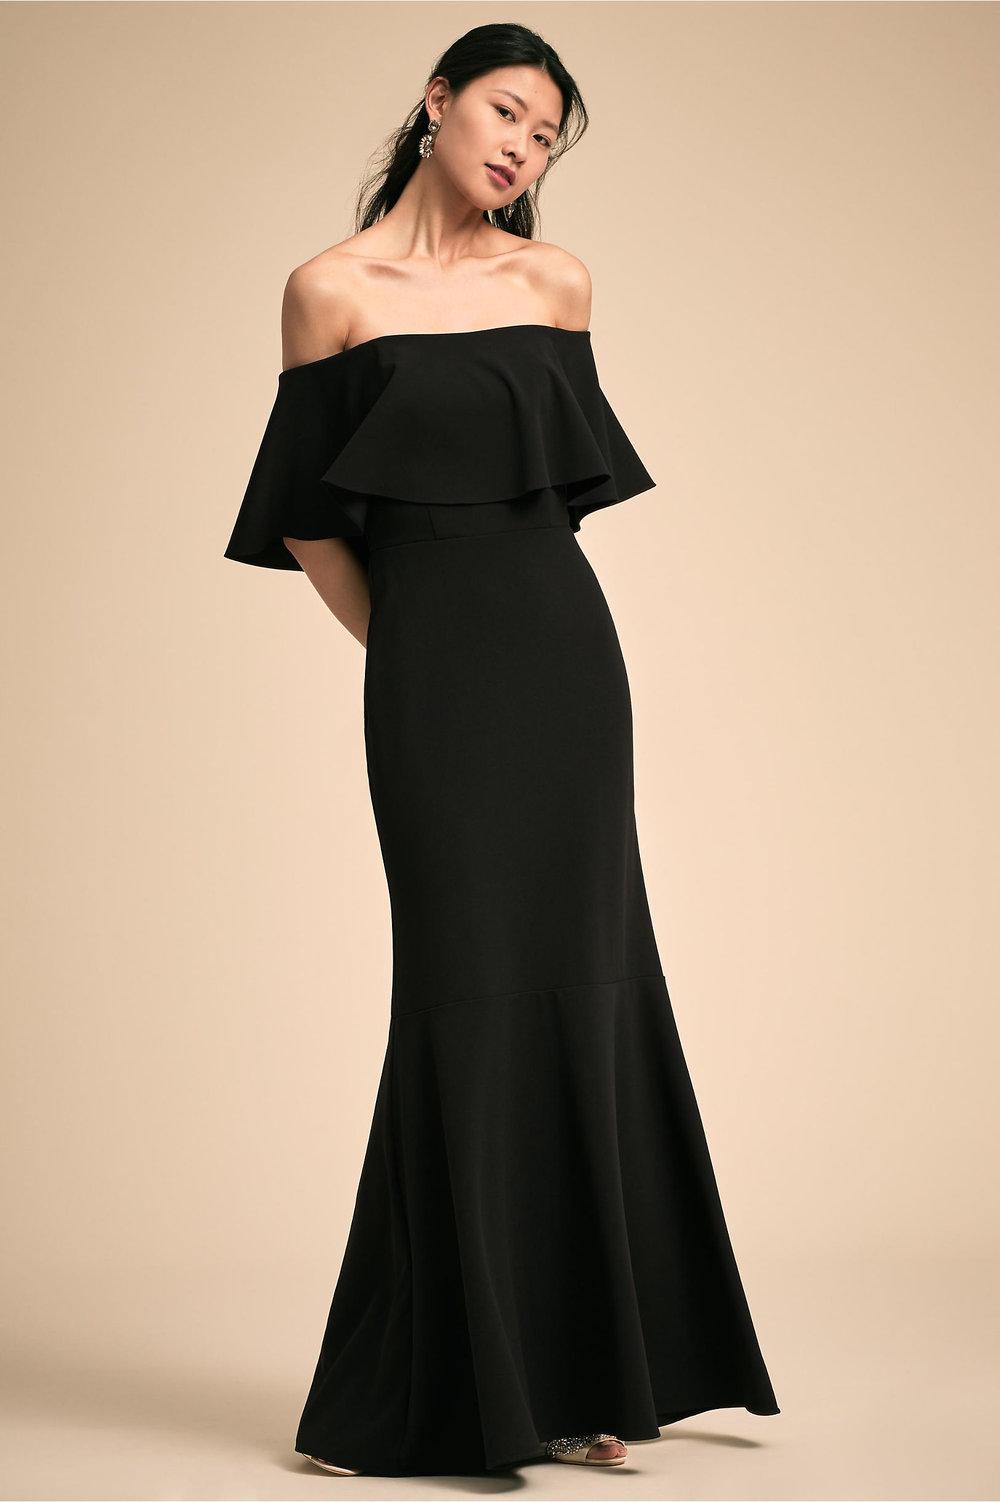 Dara Wedding Dress in Black by BHLDN